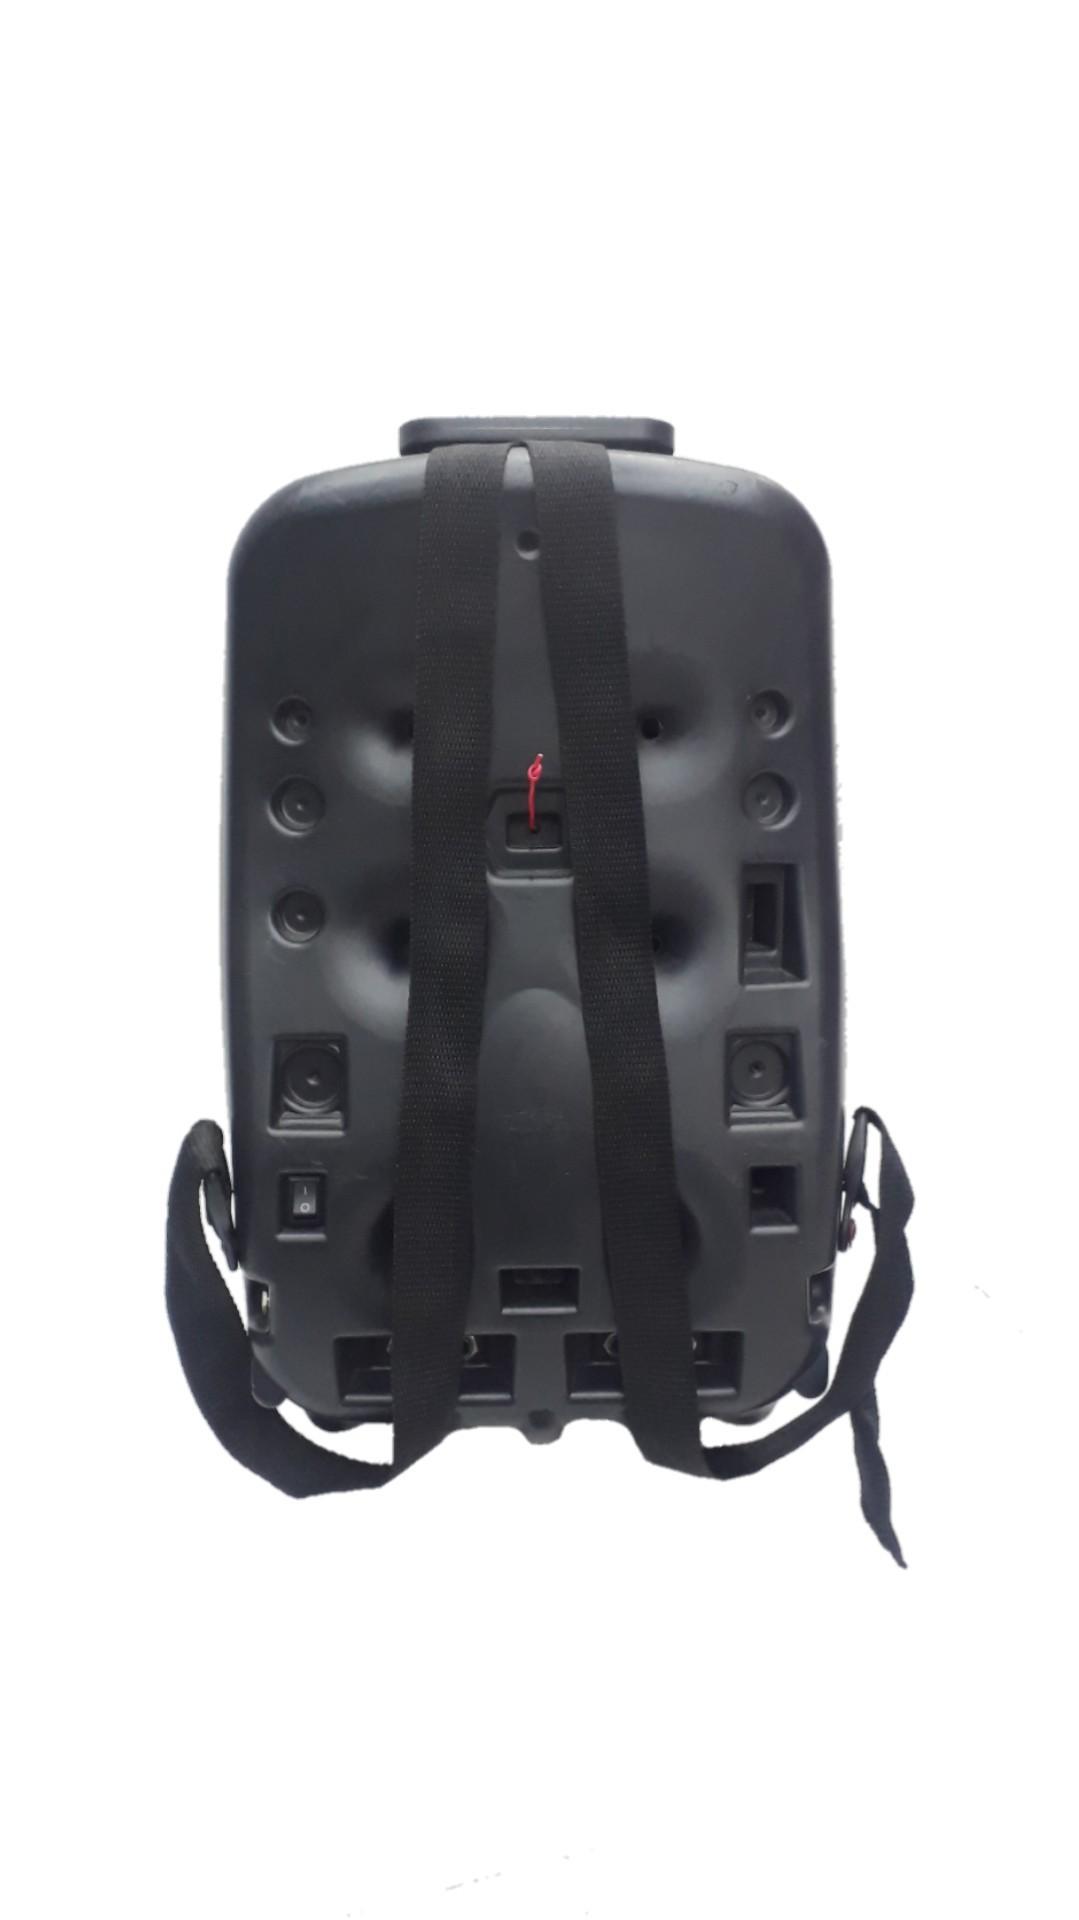 Caixa Amplificada Supertech Mochila R50 Falante6, Usb/Sd, Ativa C/Fonte 04128